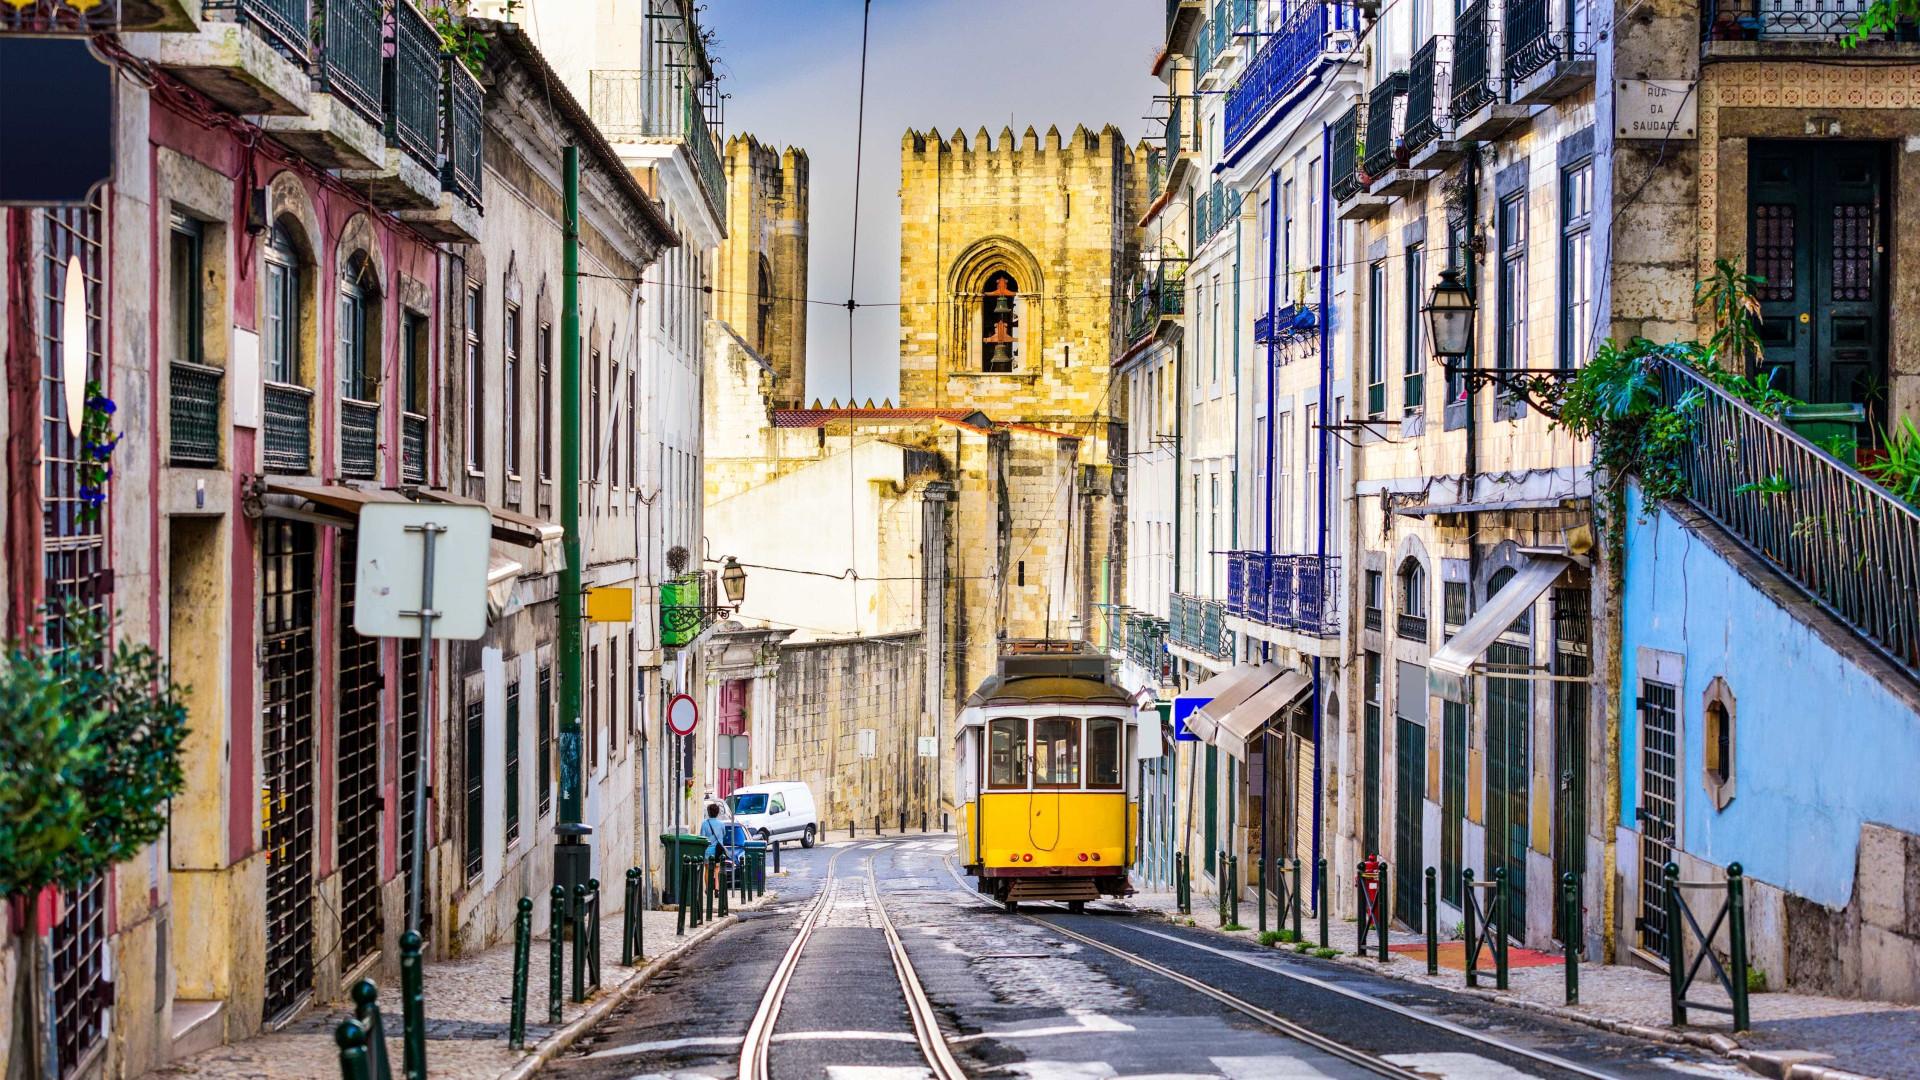 E o 'óscar' de melhor destino turístico de 2017 vai para... Portugal